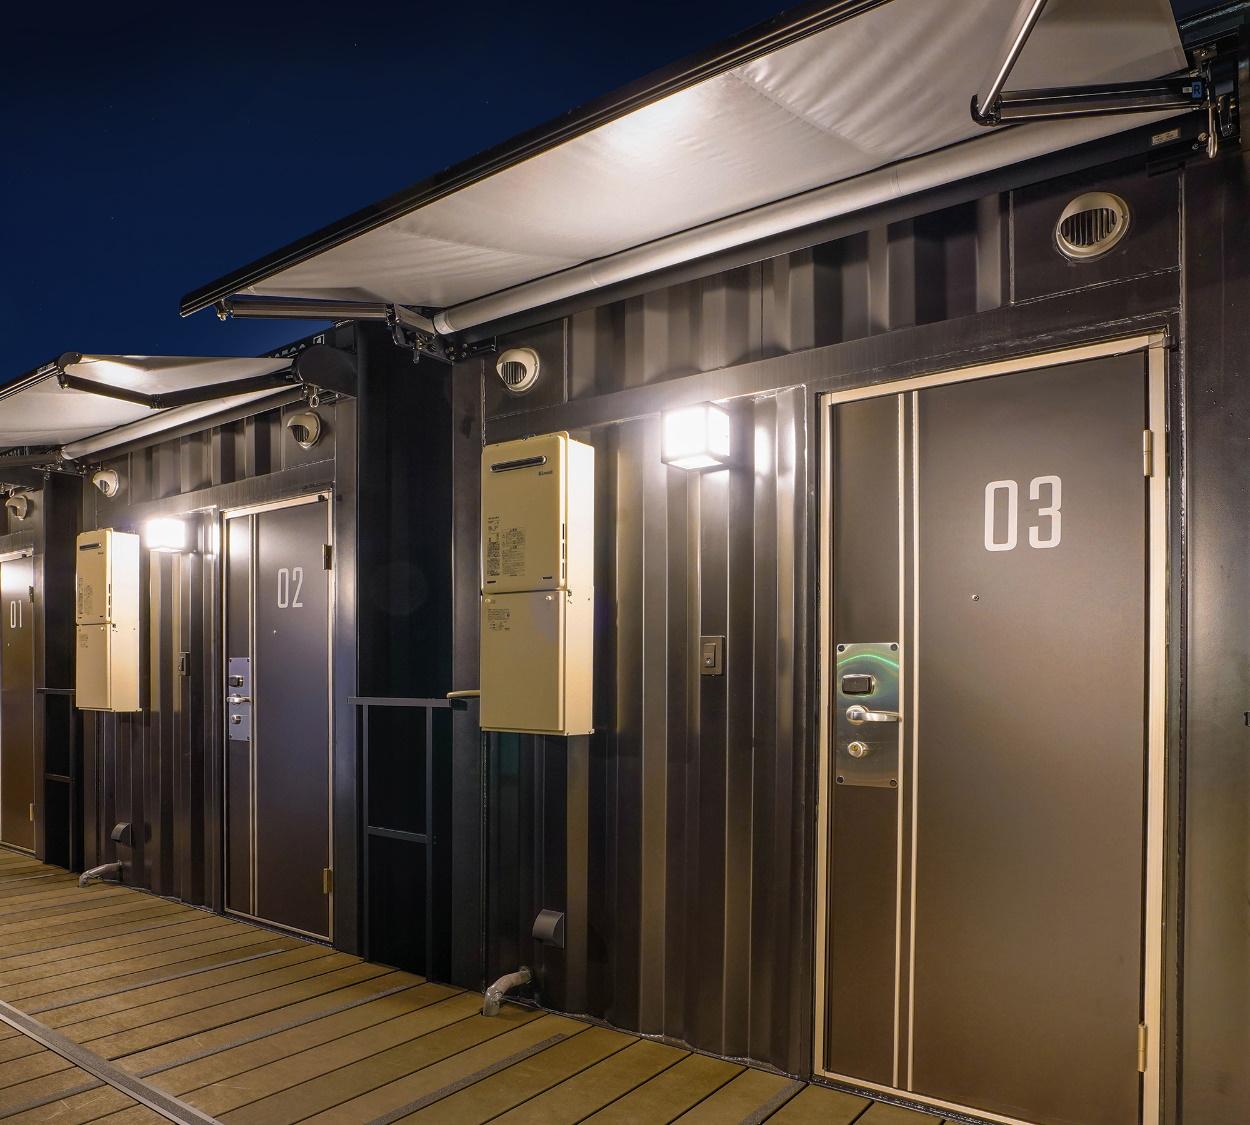 HOTEL R9 The Yard 武豊